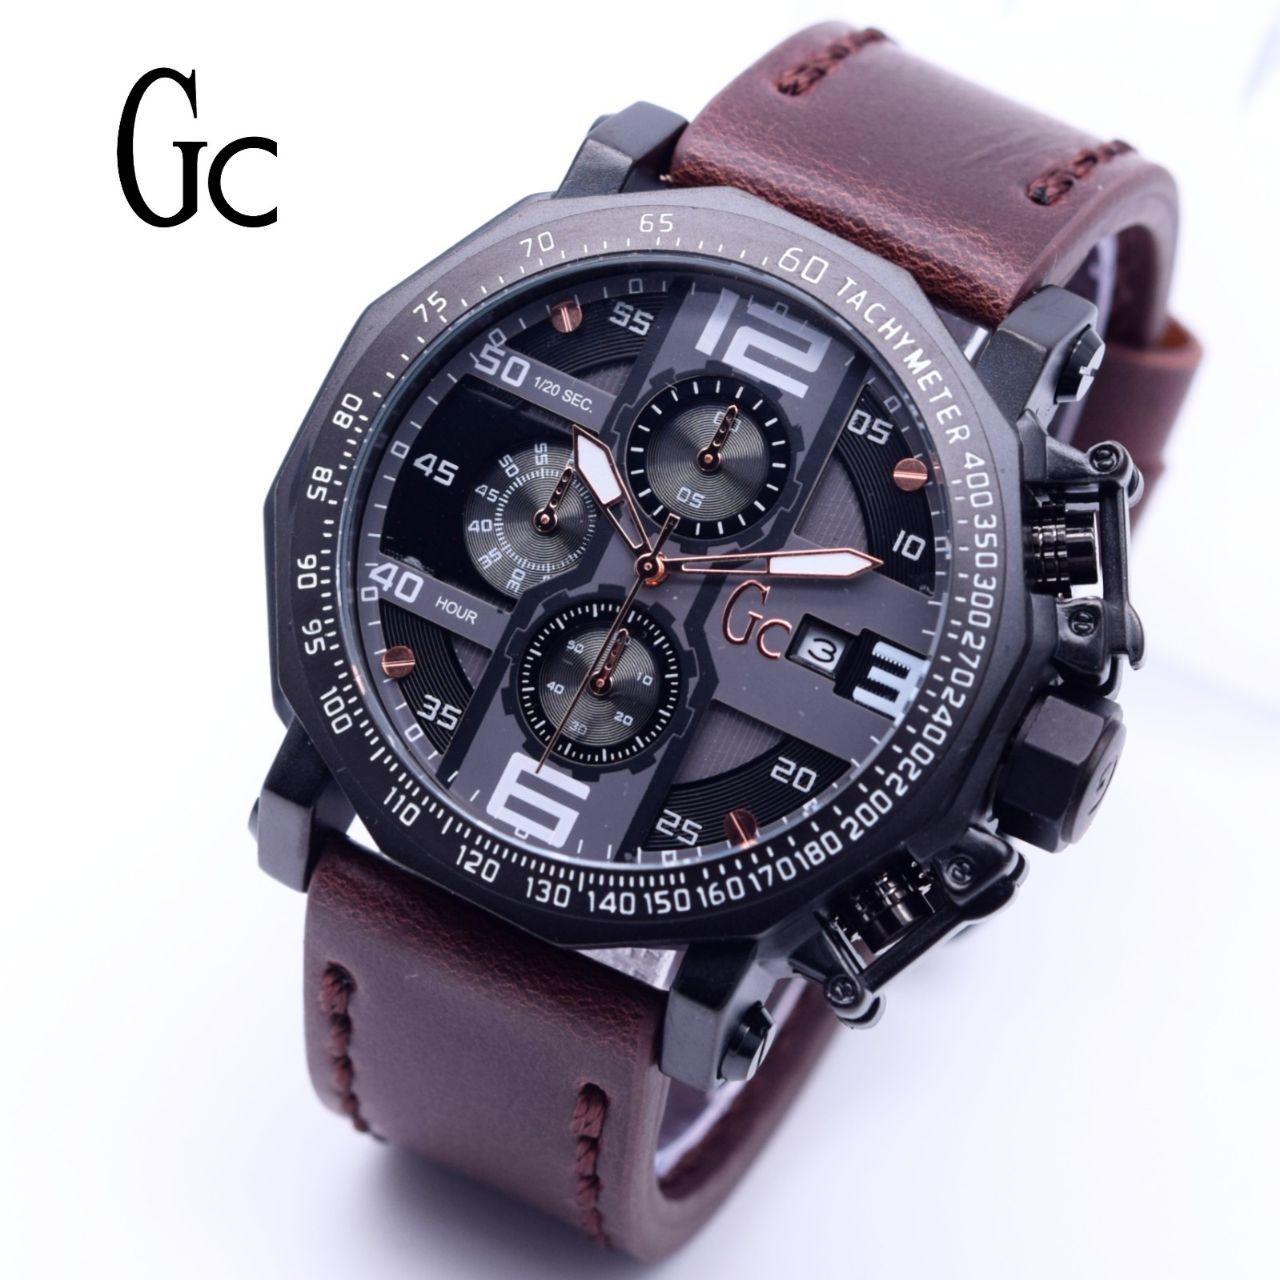 jam tangan Gc kualitas super